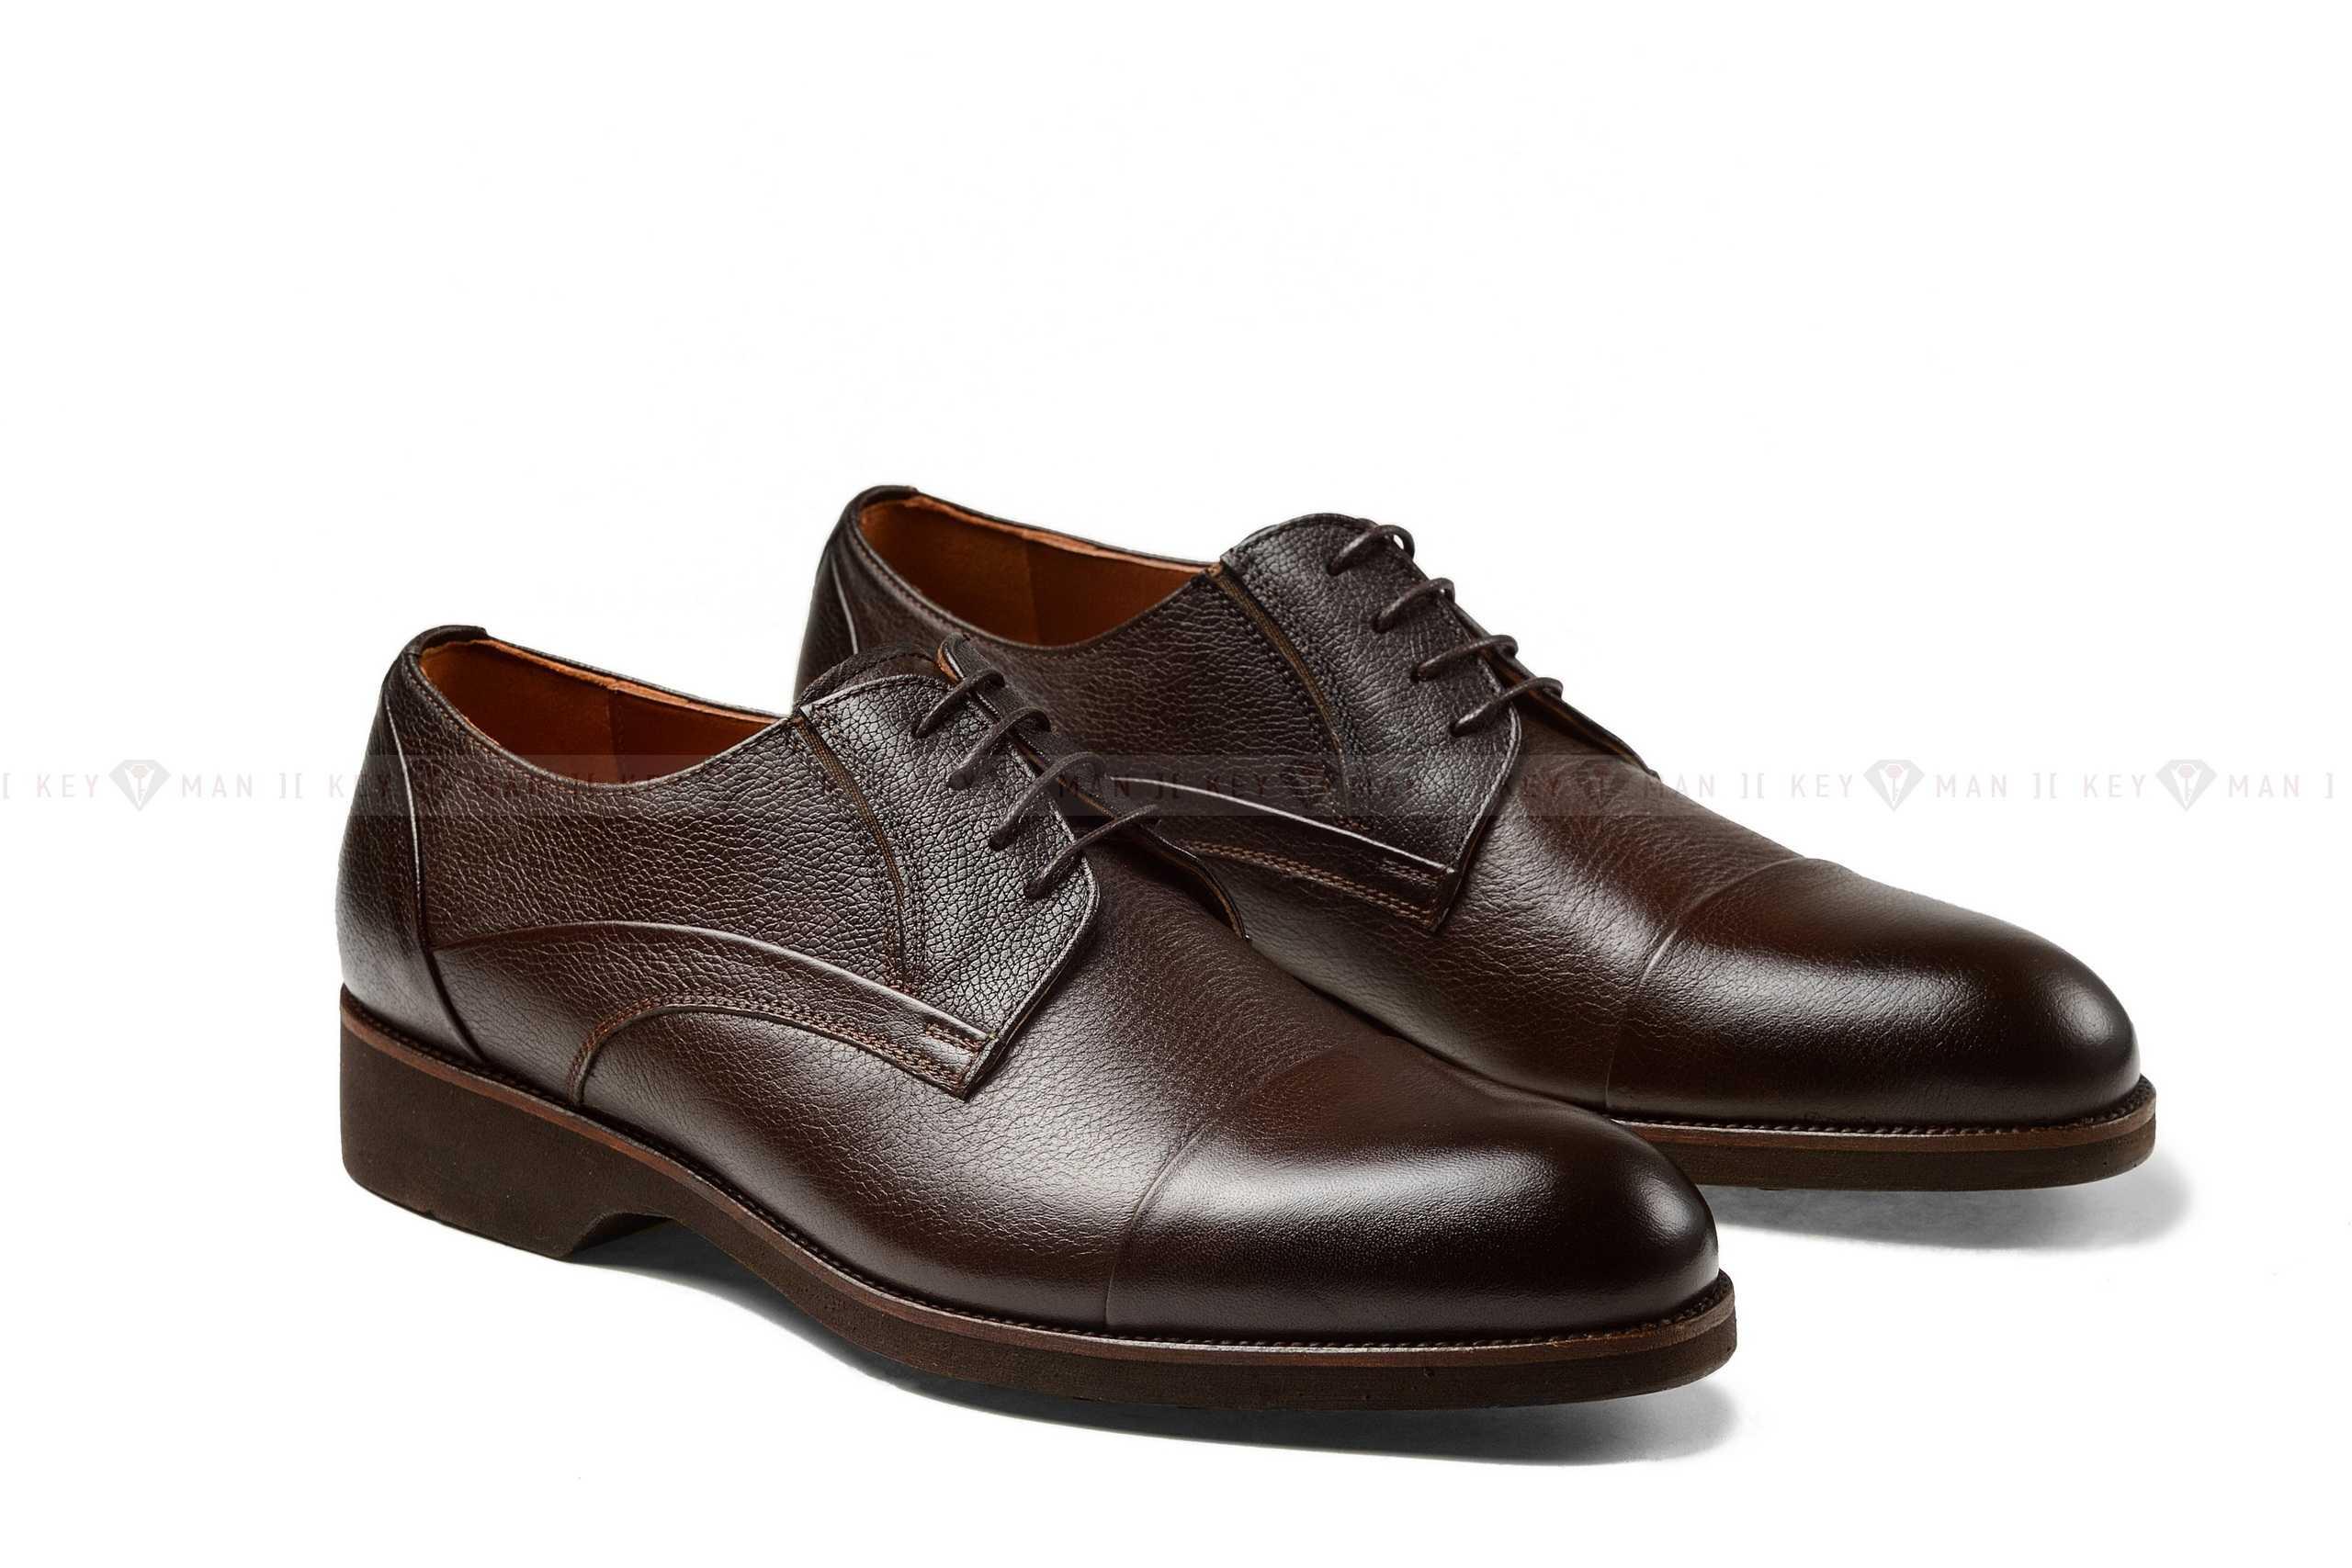 Туфли мужские коричневые с подрезами на сплошной подошве